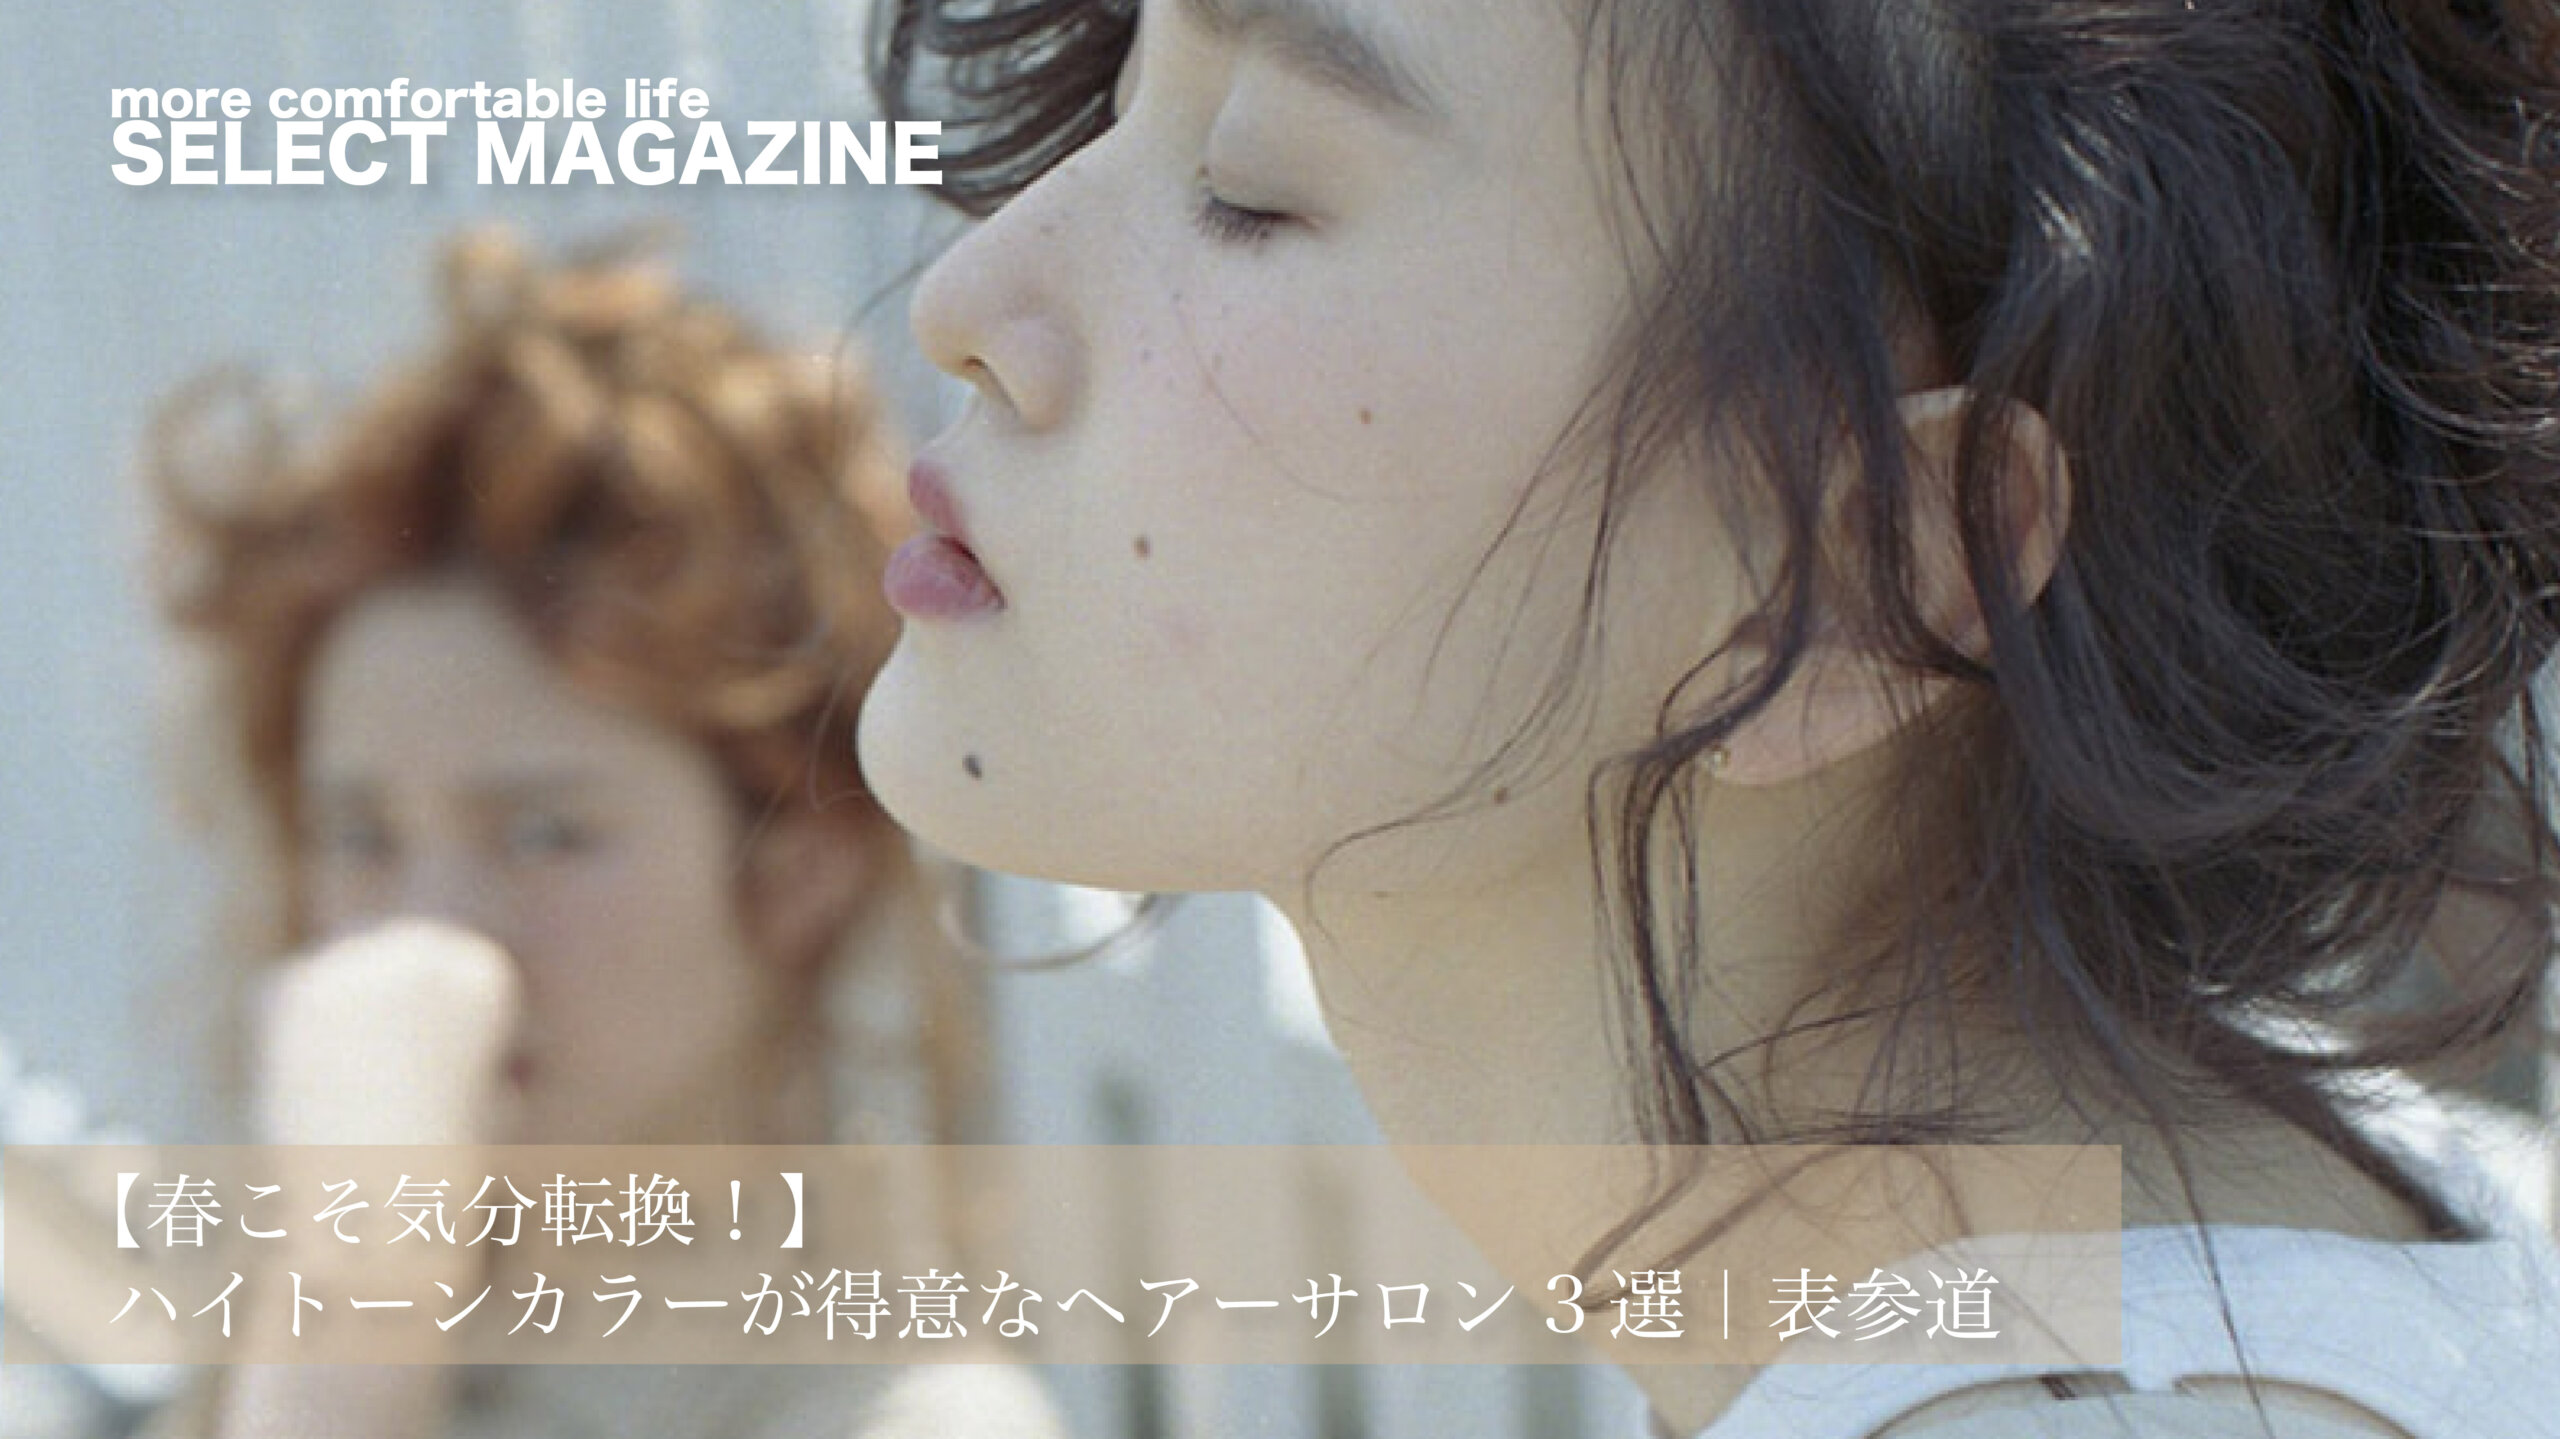 【春こそ気分転換!】ハイトーンカラーが得意なヘアーサロン3選|表参道